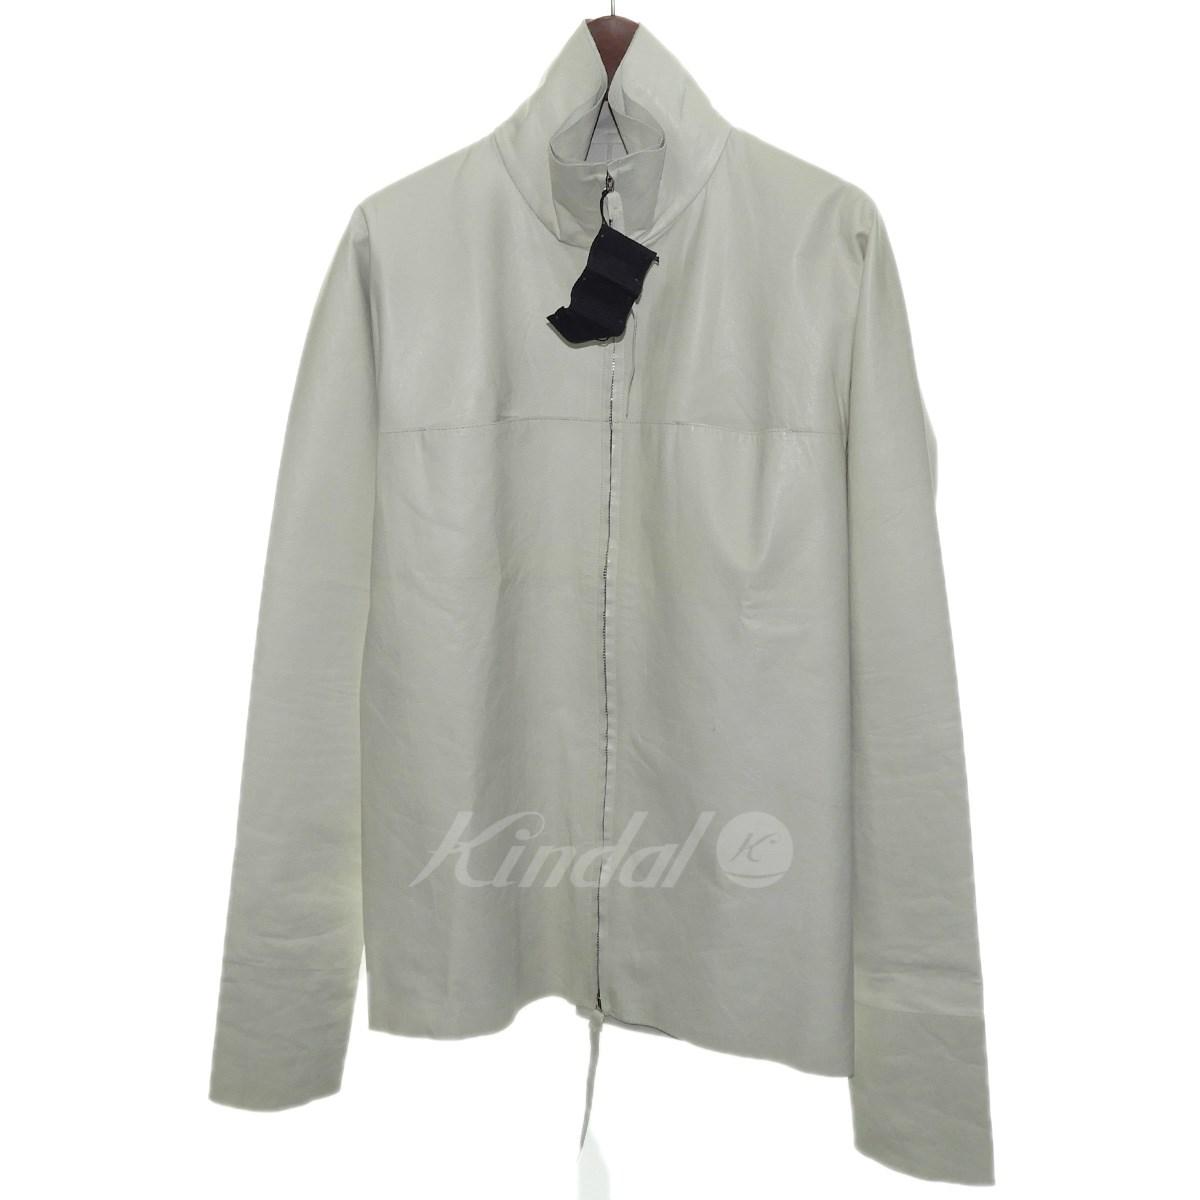 【中古】M.A.クロス 2017SS 「Zipped tall collar shirt」レザージップシャツ 【送料無料】 【124569】 【KIND1550】